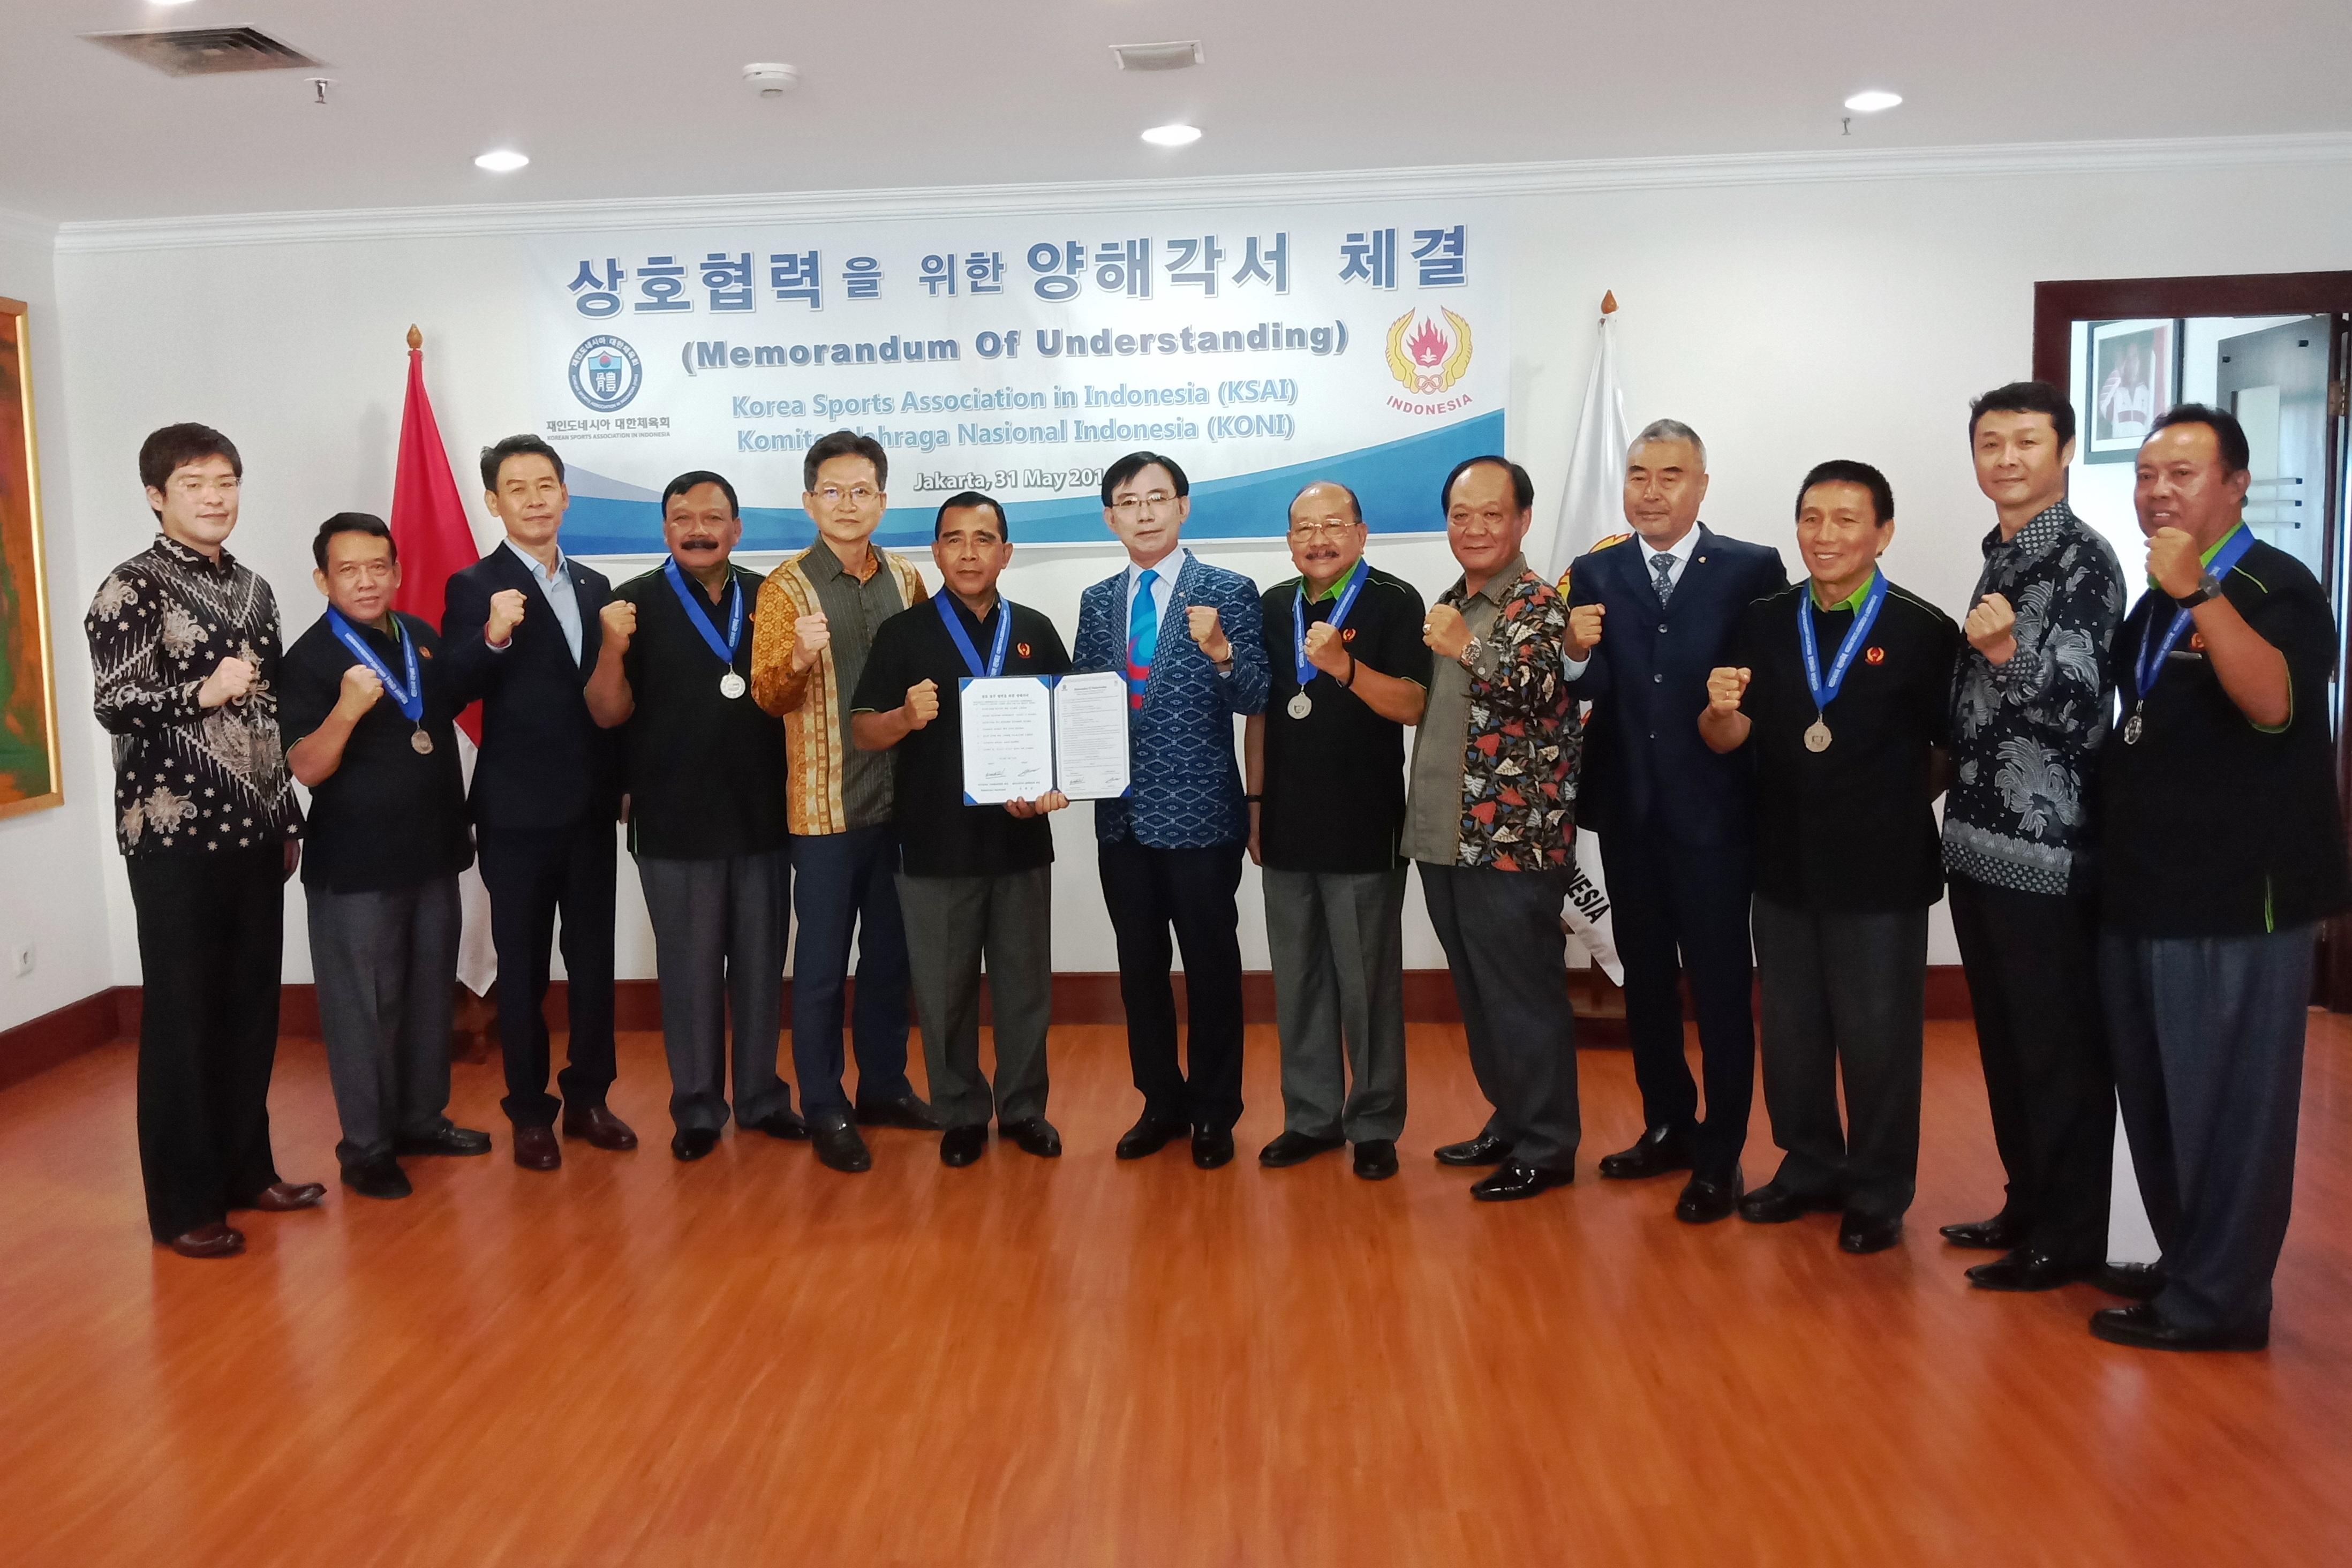 한국 인도네시아 체육회 간담회